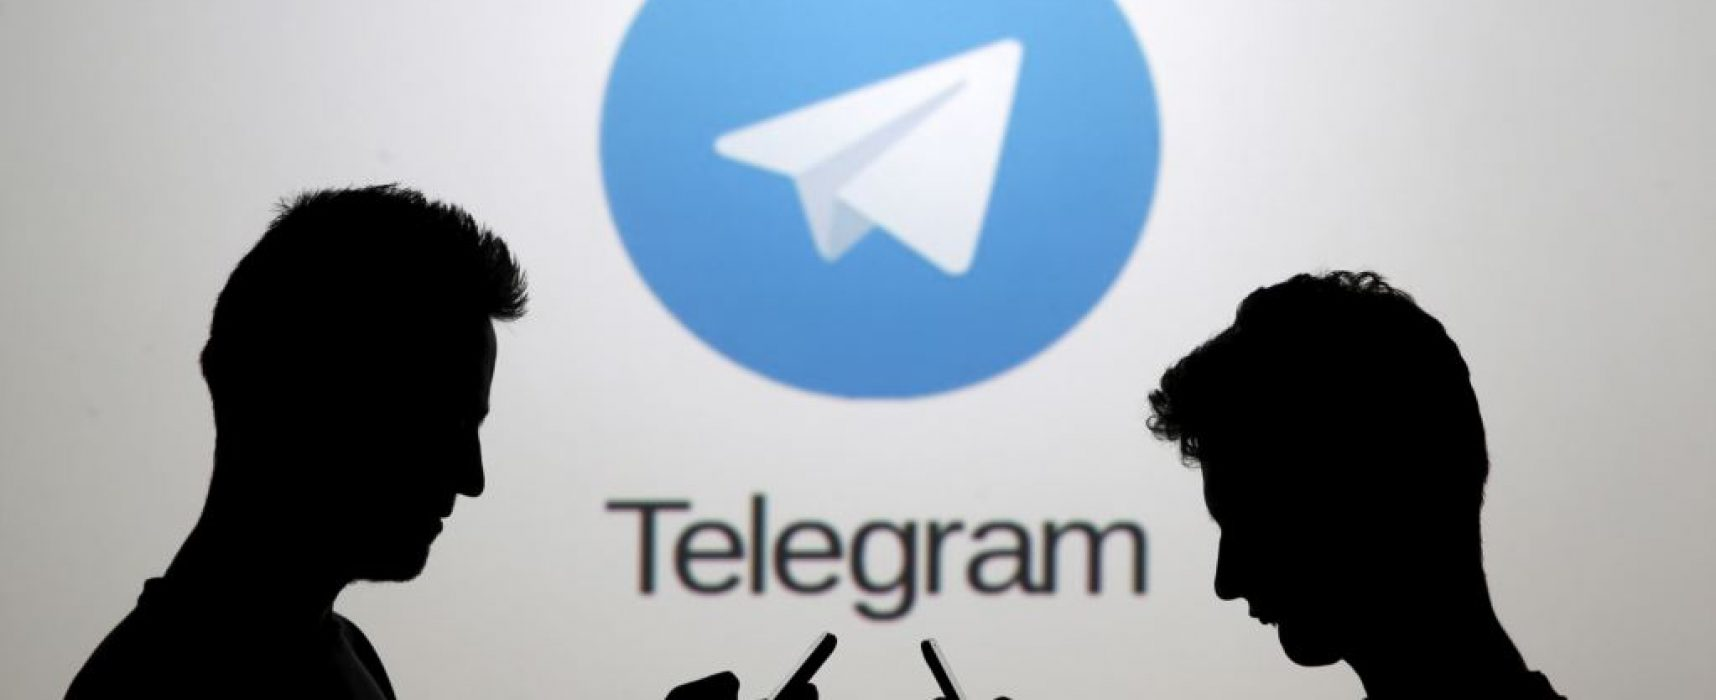 En Telegram, la política y memes rusos se traducen en mucho dinero